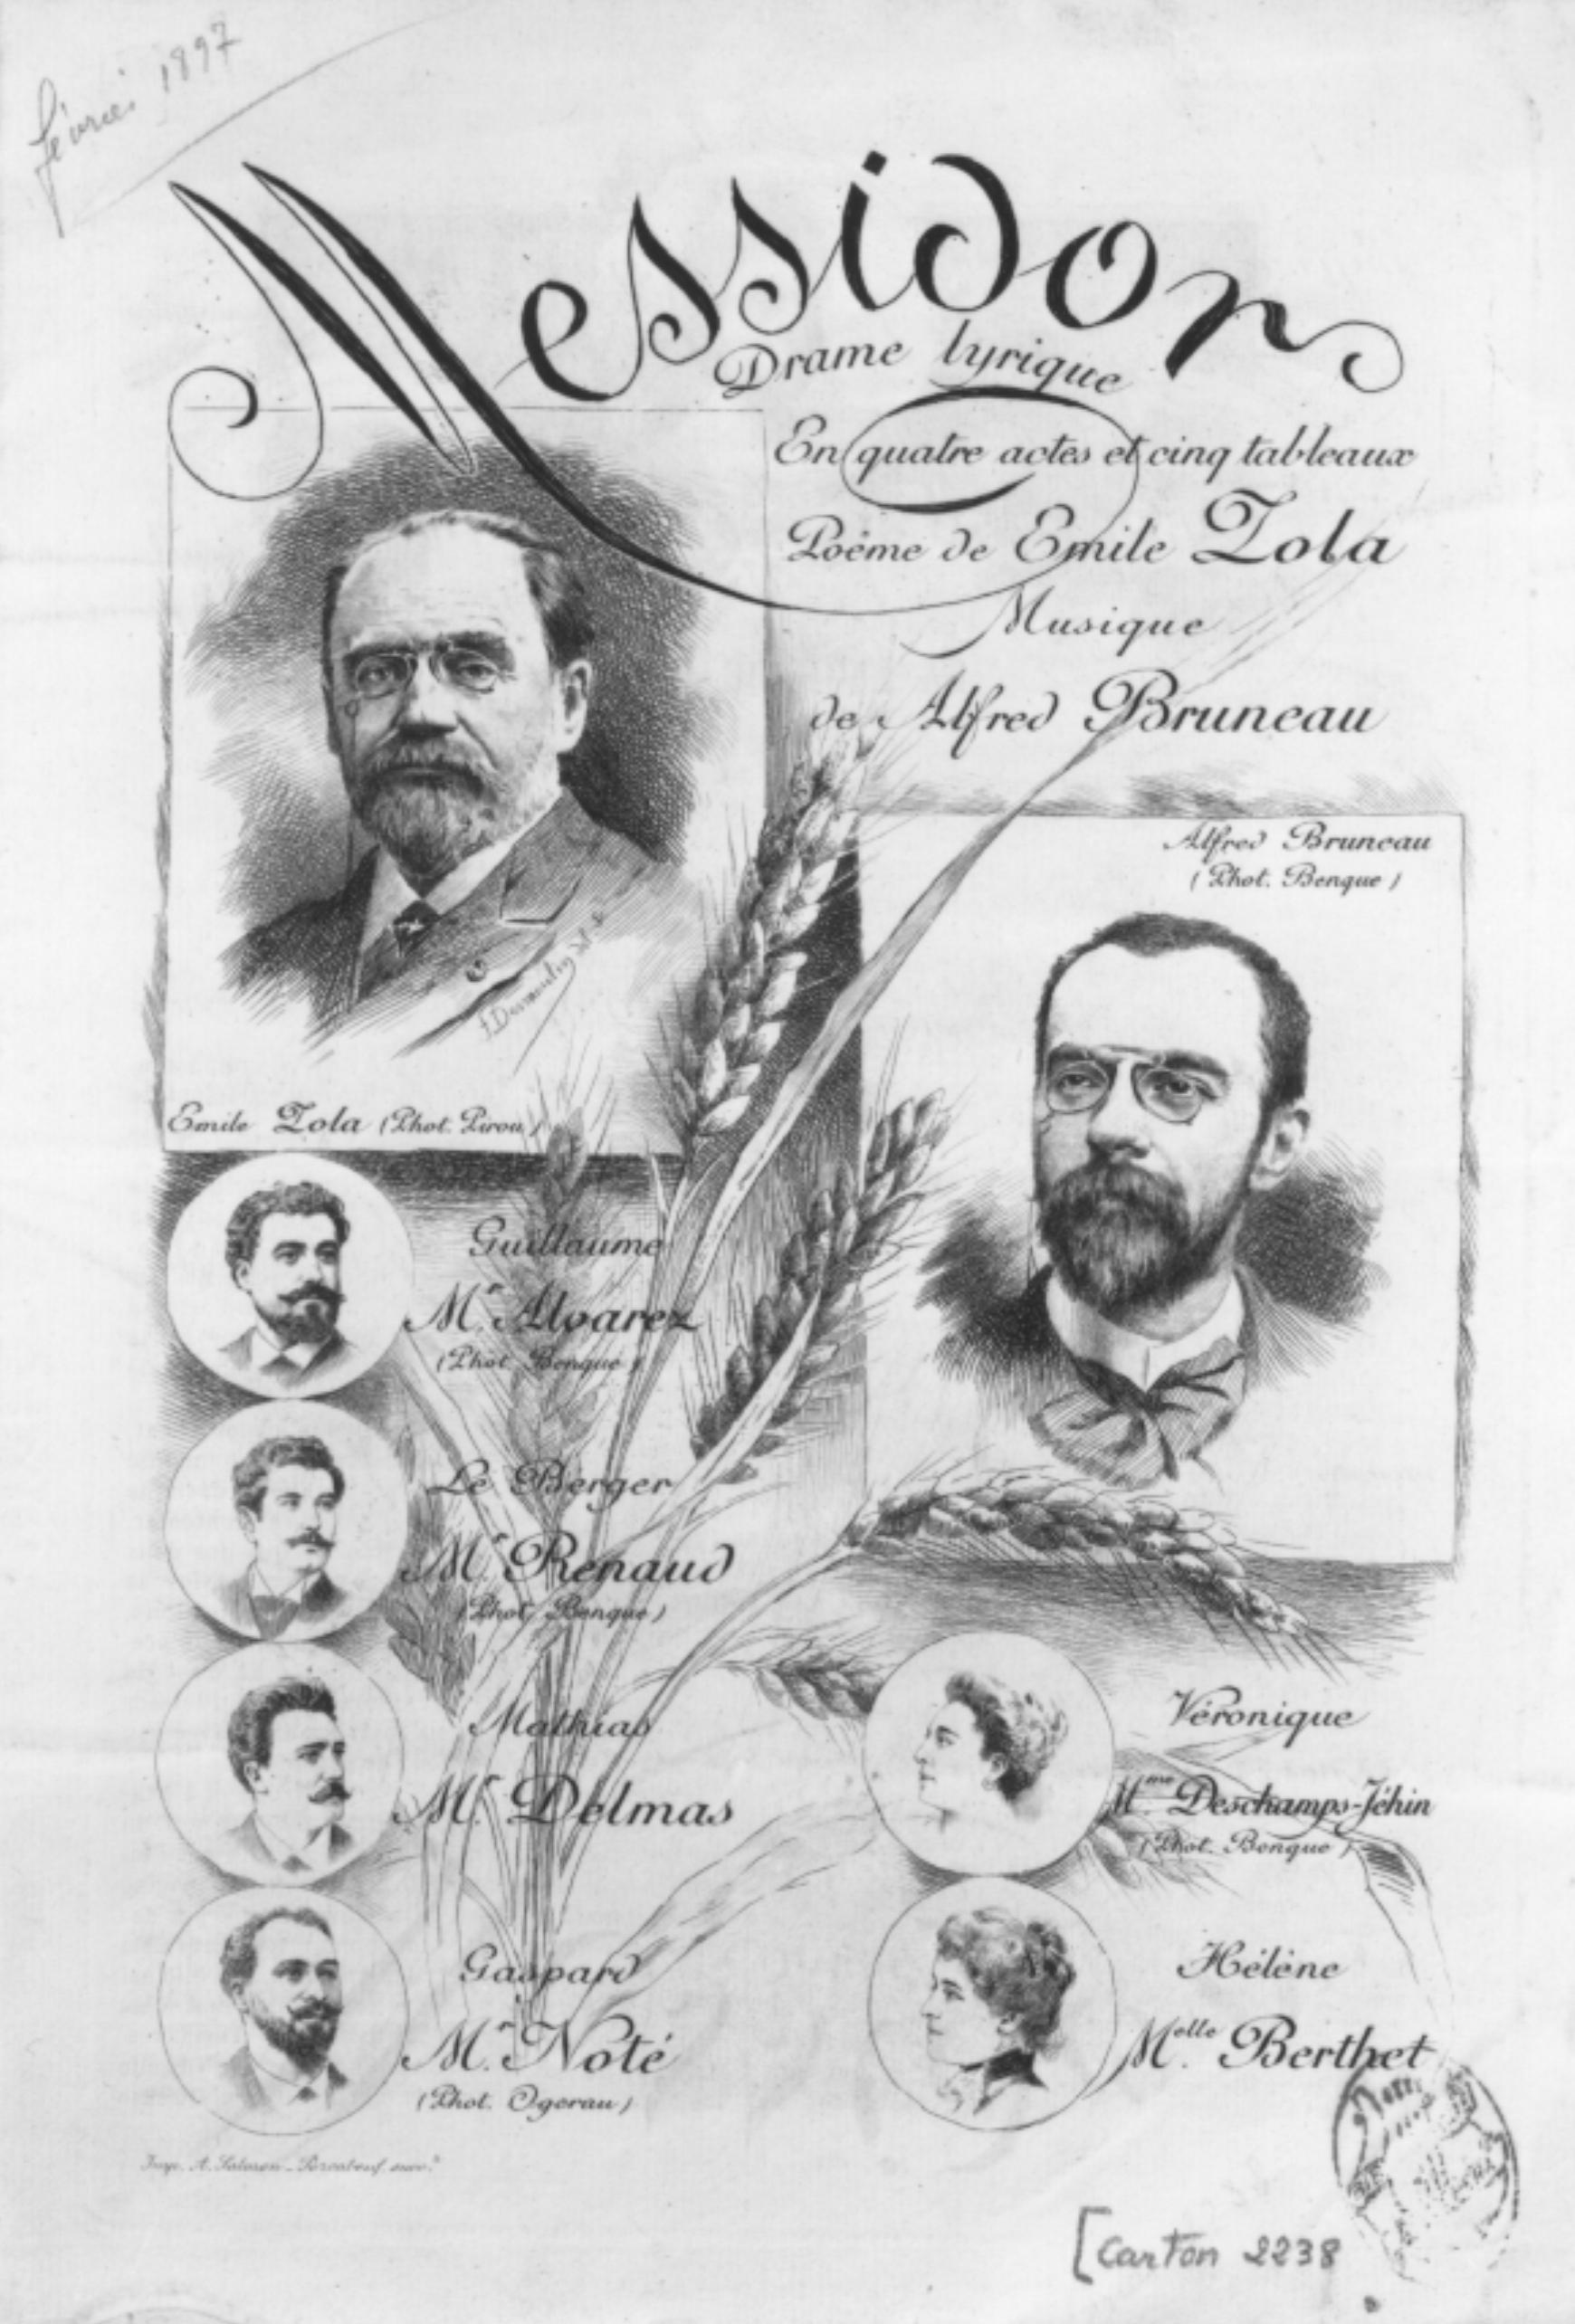 """Image - Programme de <em>Messidor</em>"""" /></a></p> </div><h3>Commentaires</h3><p>C'est le graveur et ami d'Emile Zola et Alfred Bruneau, Fernand Desmoulin, qui réalise les dessins d4après photographies des auteurs de <em>Messidor </em>ainsi que des chanteurs, pour le programme de la création de cet opéra, le 19 février 1897. <em>Messidor </em>est le premier opéra composé par Bruneau d'après un livret en prose d'Emile Zola.</p><h3>Auteur</h3><p>Fernand Desmoulin (1853-1914)</p><h3>Date</h3><p>19 février 1897</p><h3>Origine</h3><p>Collection Puaux-Bruneau</p><h3>Mots-clés</h3><ul class="""